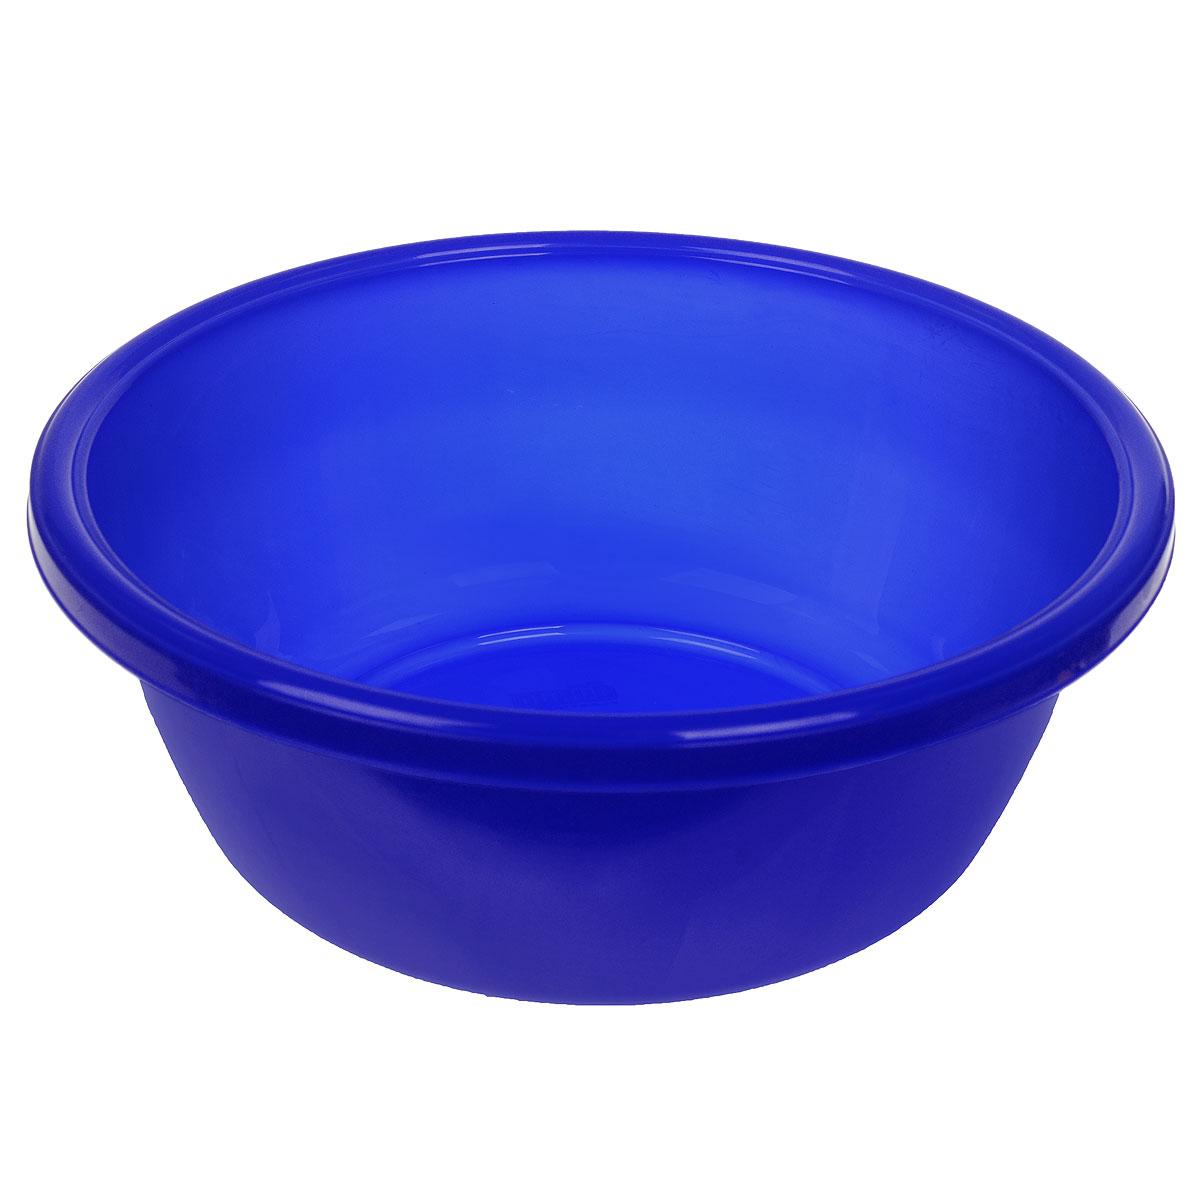 Таз Dunya Plastik, цвет: синий, 7 лPANTERA SPX-2RSТаз Dunya Plastik изготовлен из прочного пластика. Он предназначен для стирки и хранения разных вещей. По бокам имеются удобные углубления, которые обеспечивают удобный захват. Таз пригодится в любом хозяйстве.